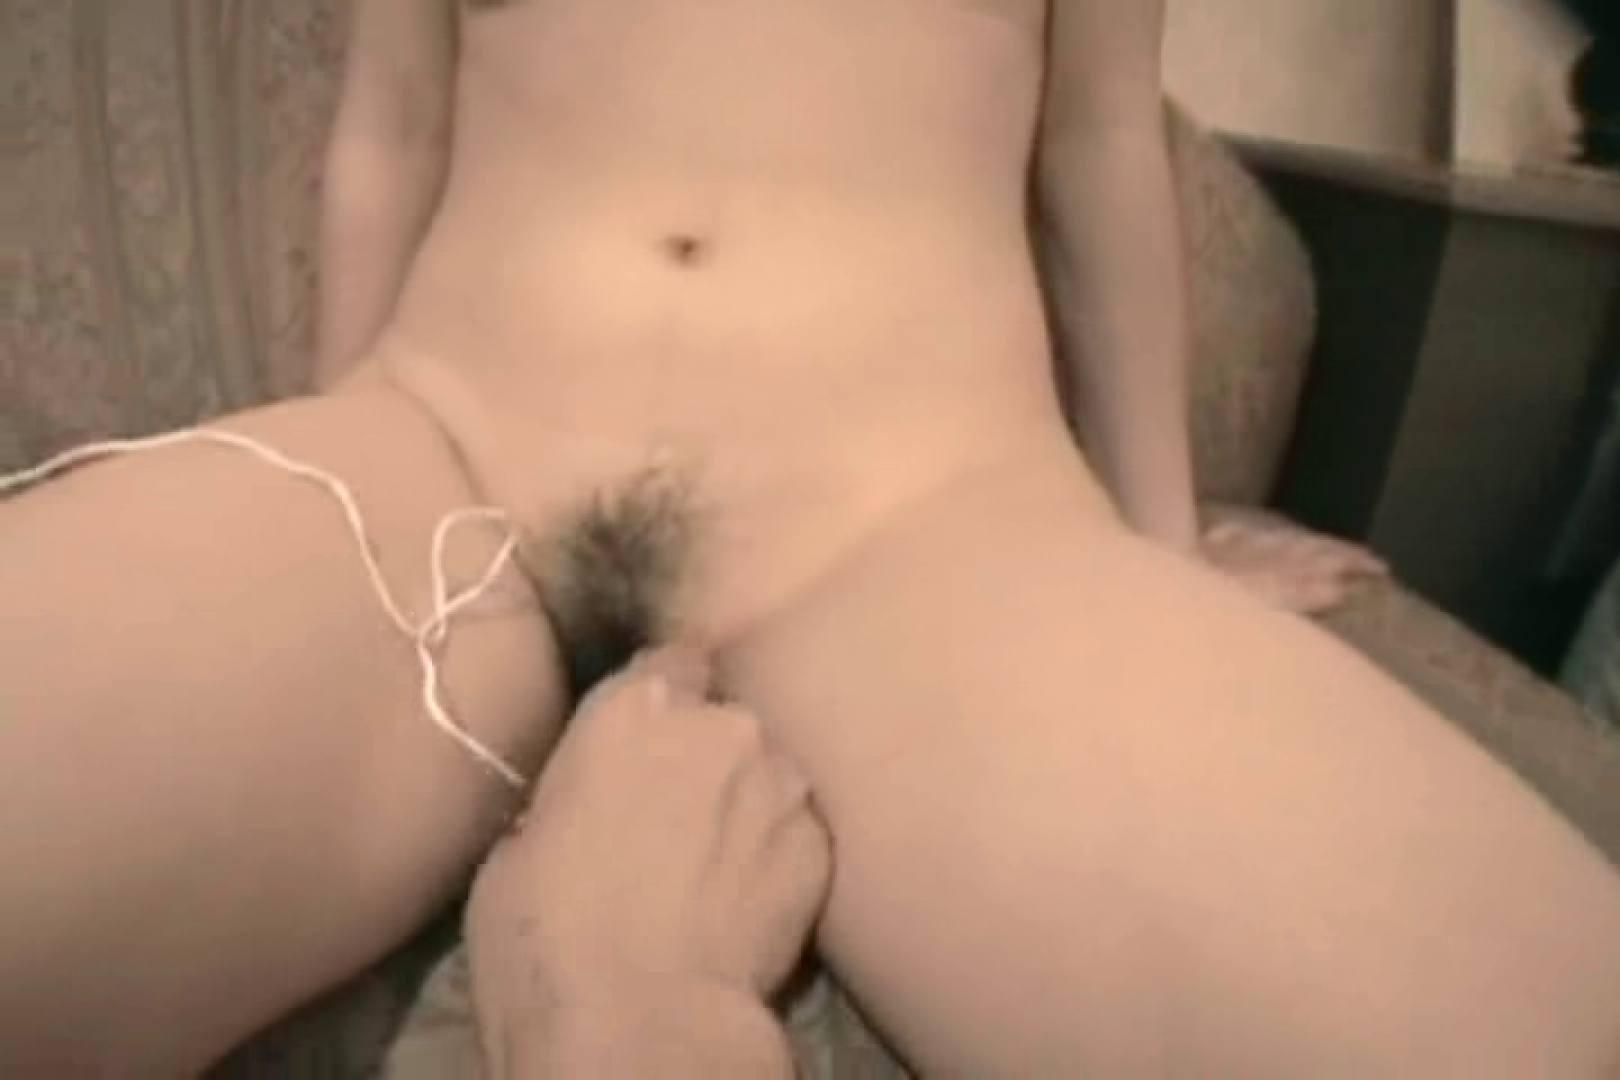 素人嬢126人のハメ撮り 杉本里奈 メーカー直接買い取り | 素人  90画像 58